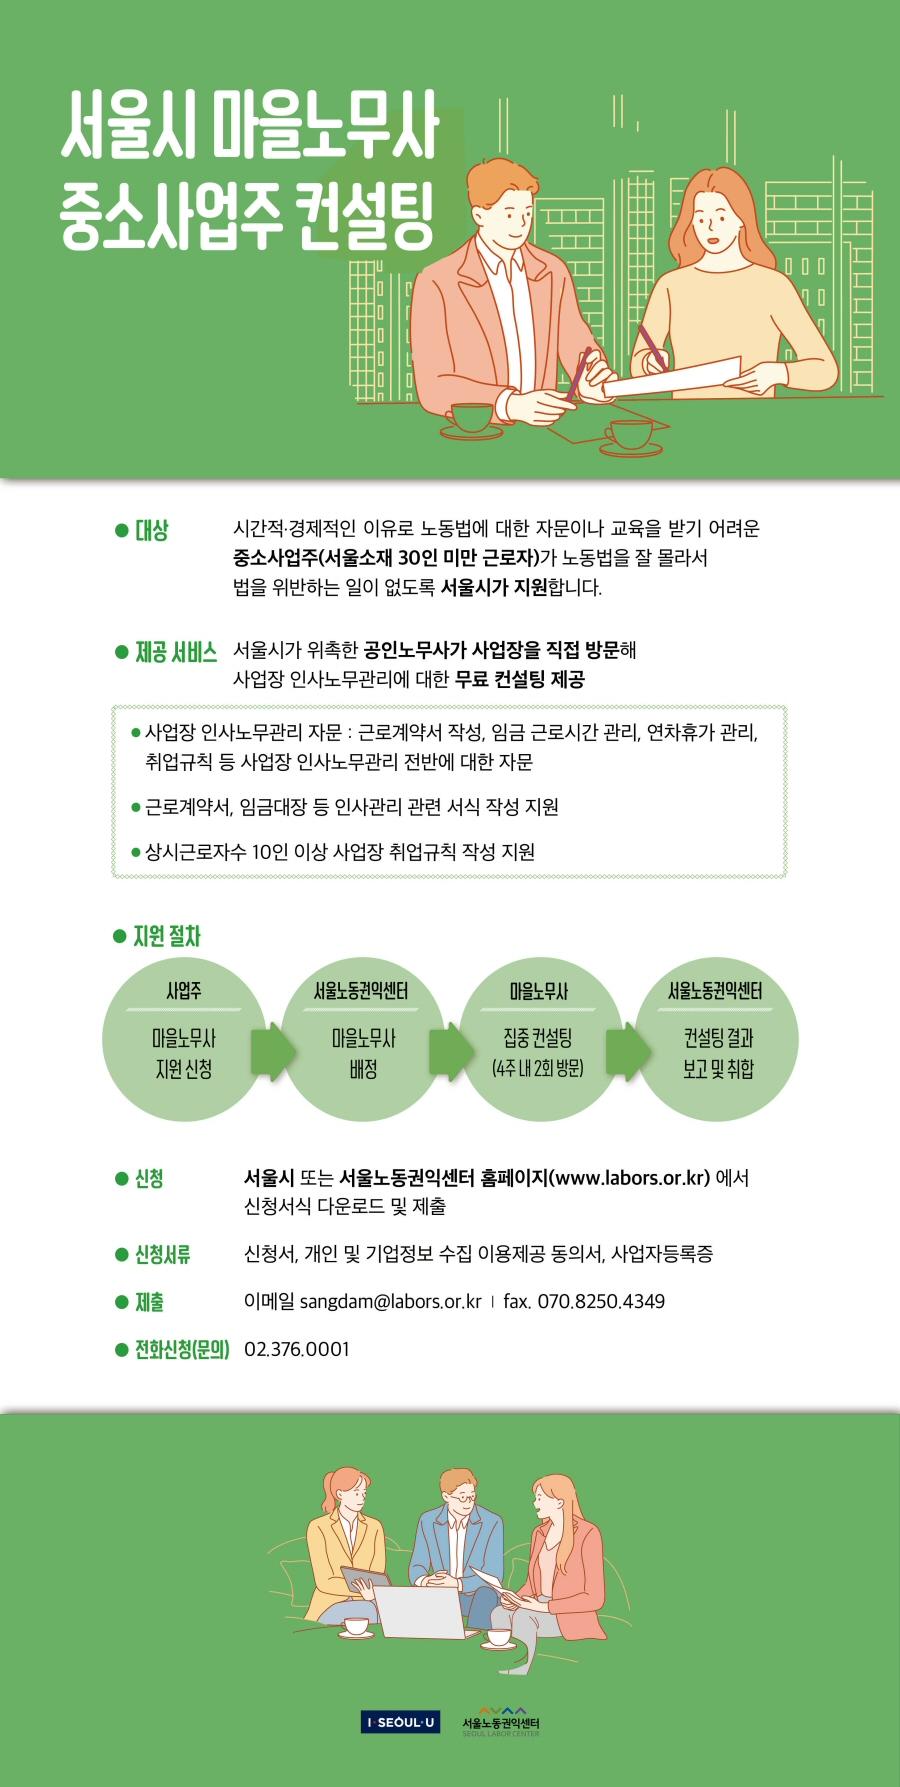 서울시, 30인 미만 사업장 '마을노무사' 무료 컨설팅